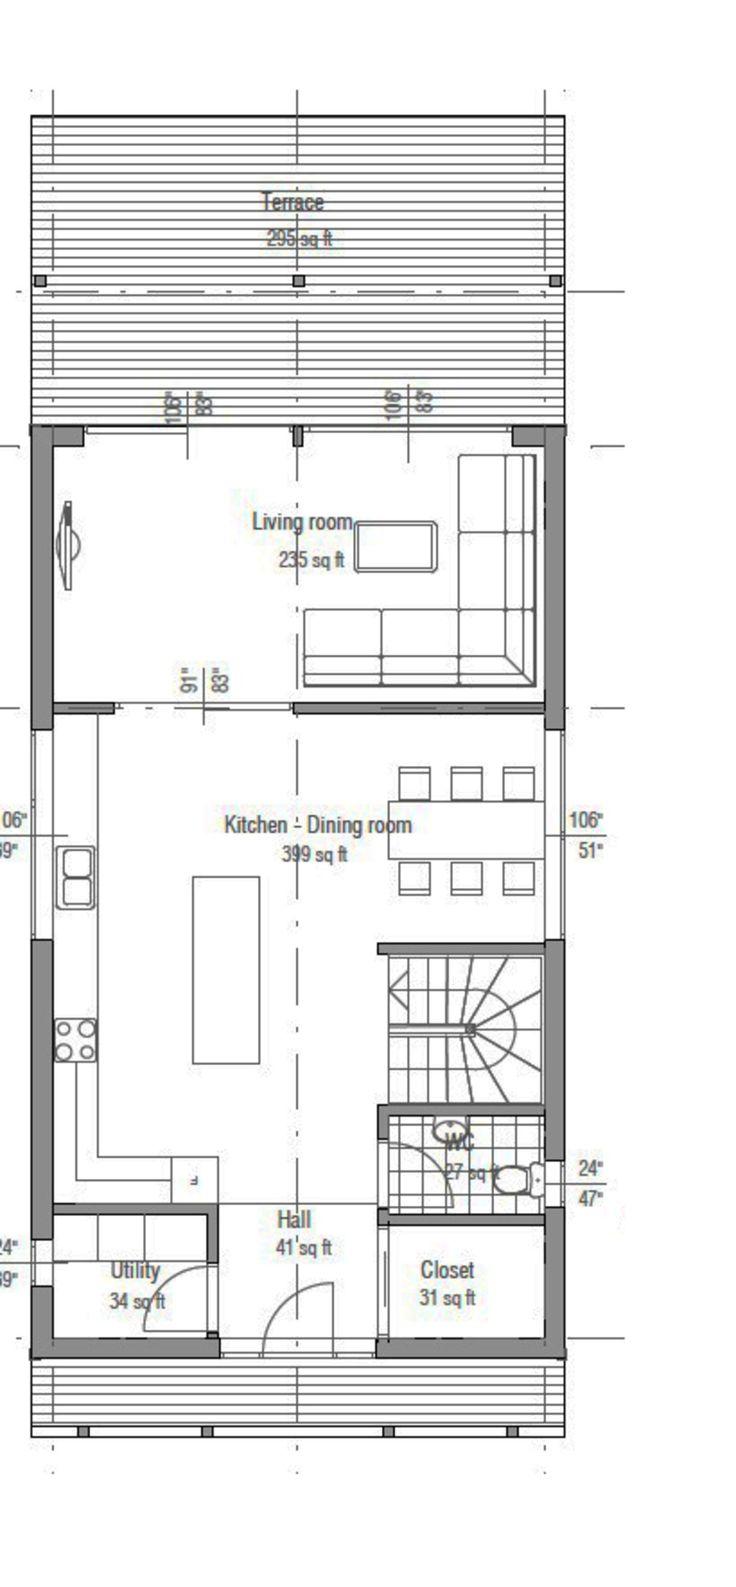 78 best floor plan images on pinterest floor plans house floor main floor plan